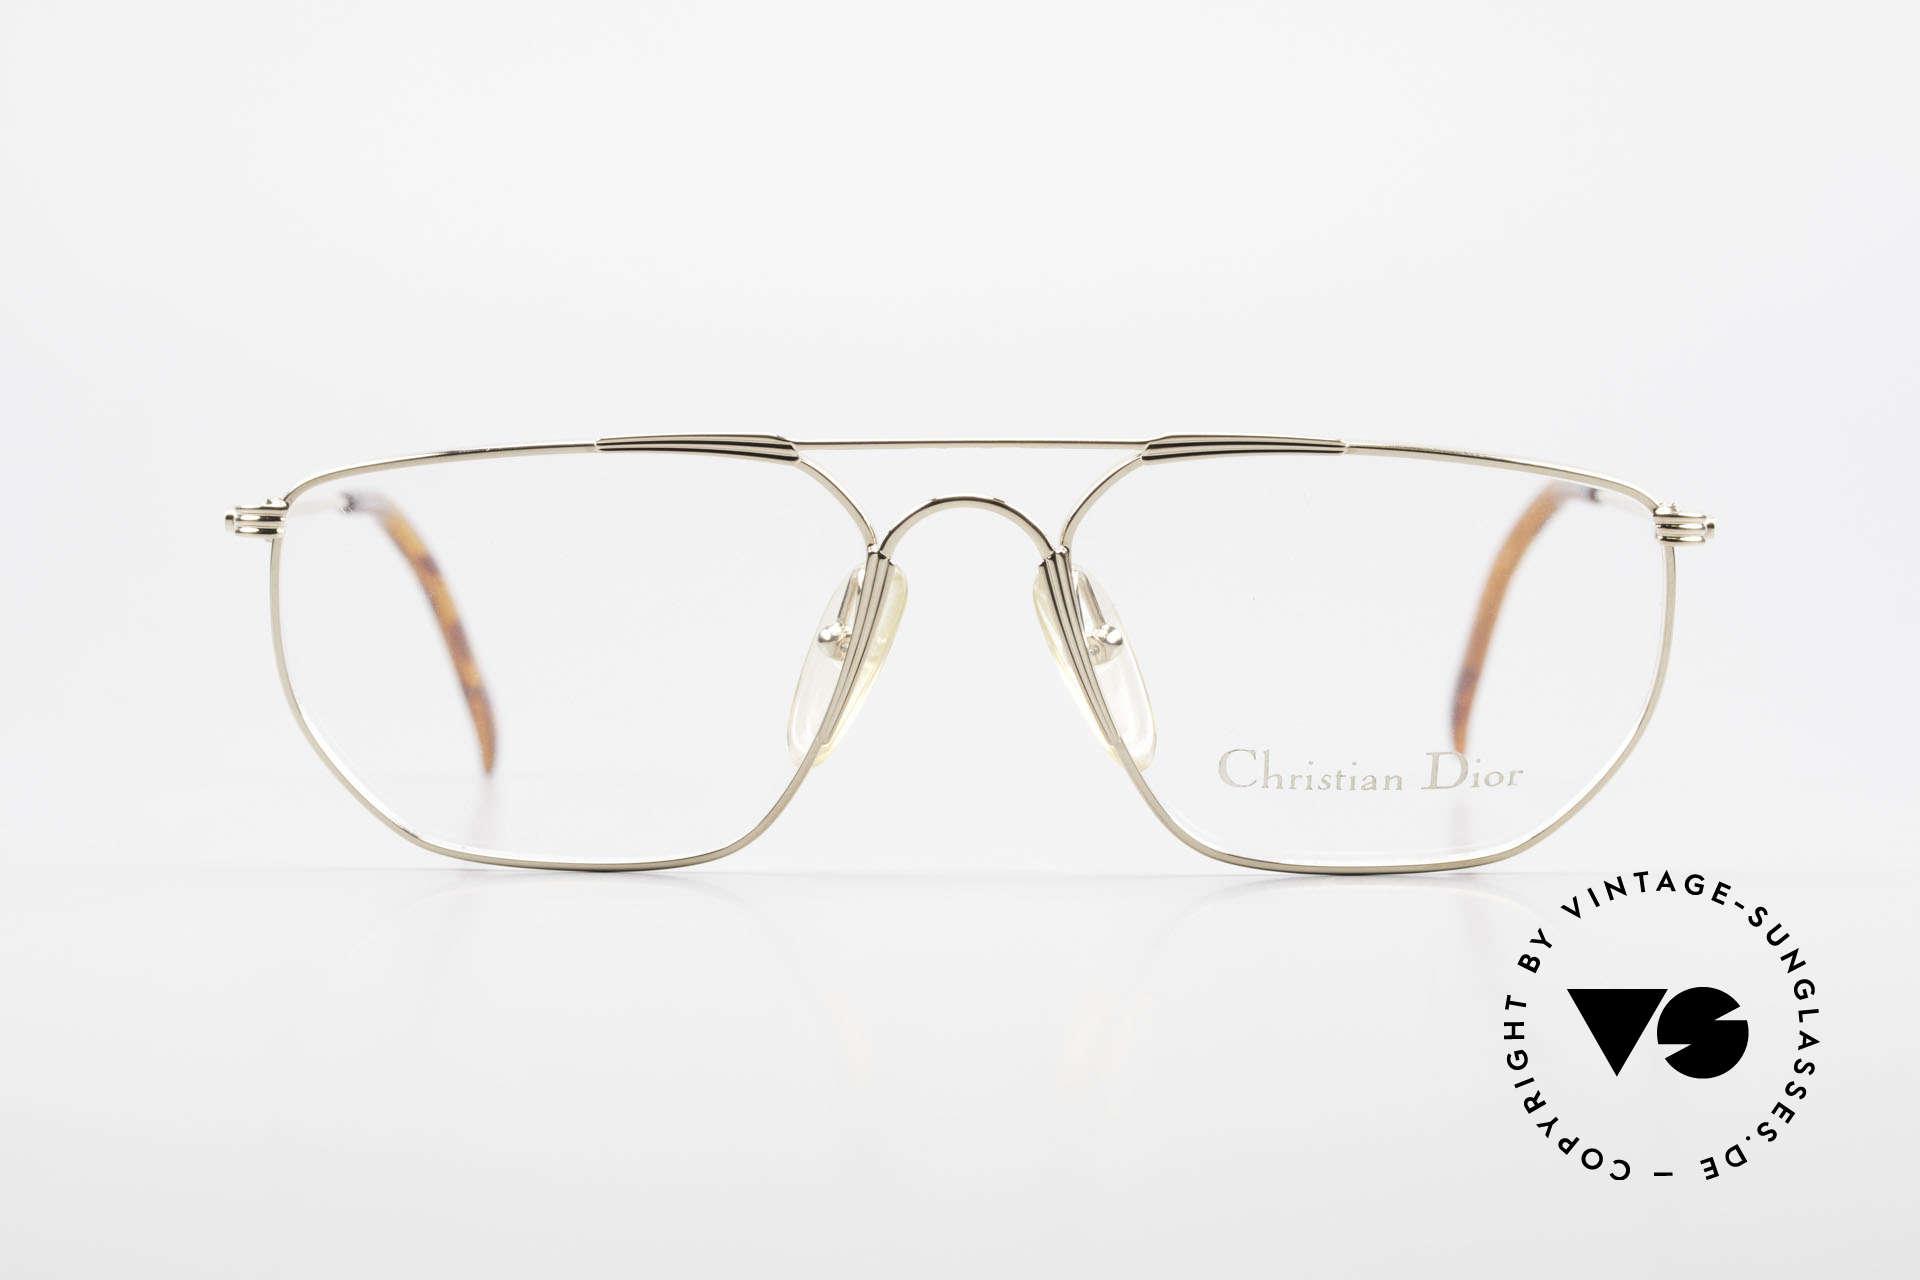 Christian Dior 2819 Echte 90er Herren Metallbrille, sehr edel & absolute Top-Qualität (muss man fühlen!), Passend für Herren